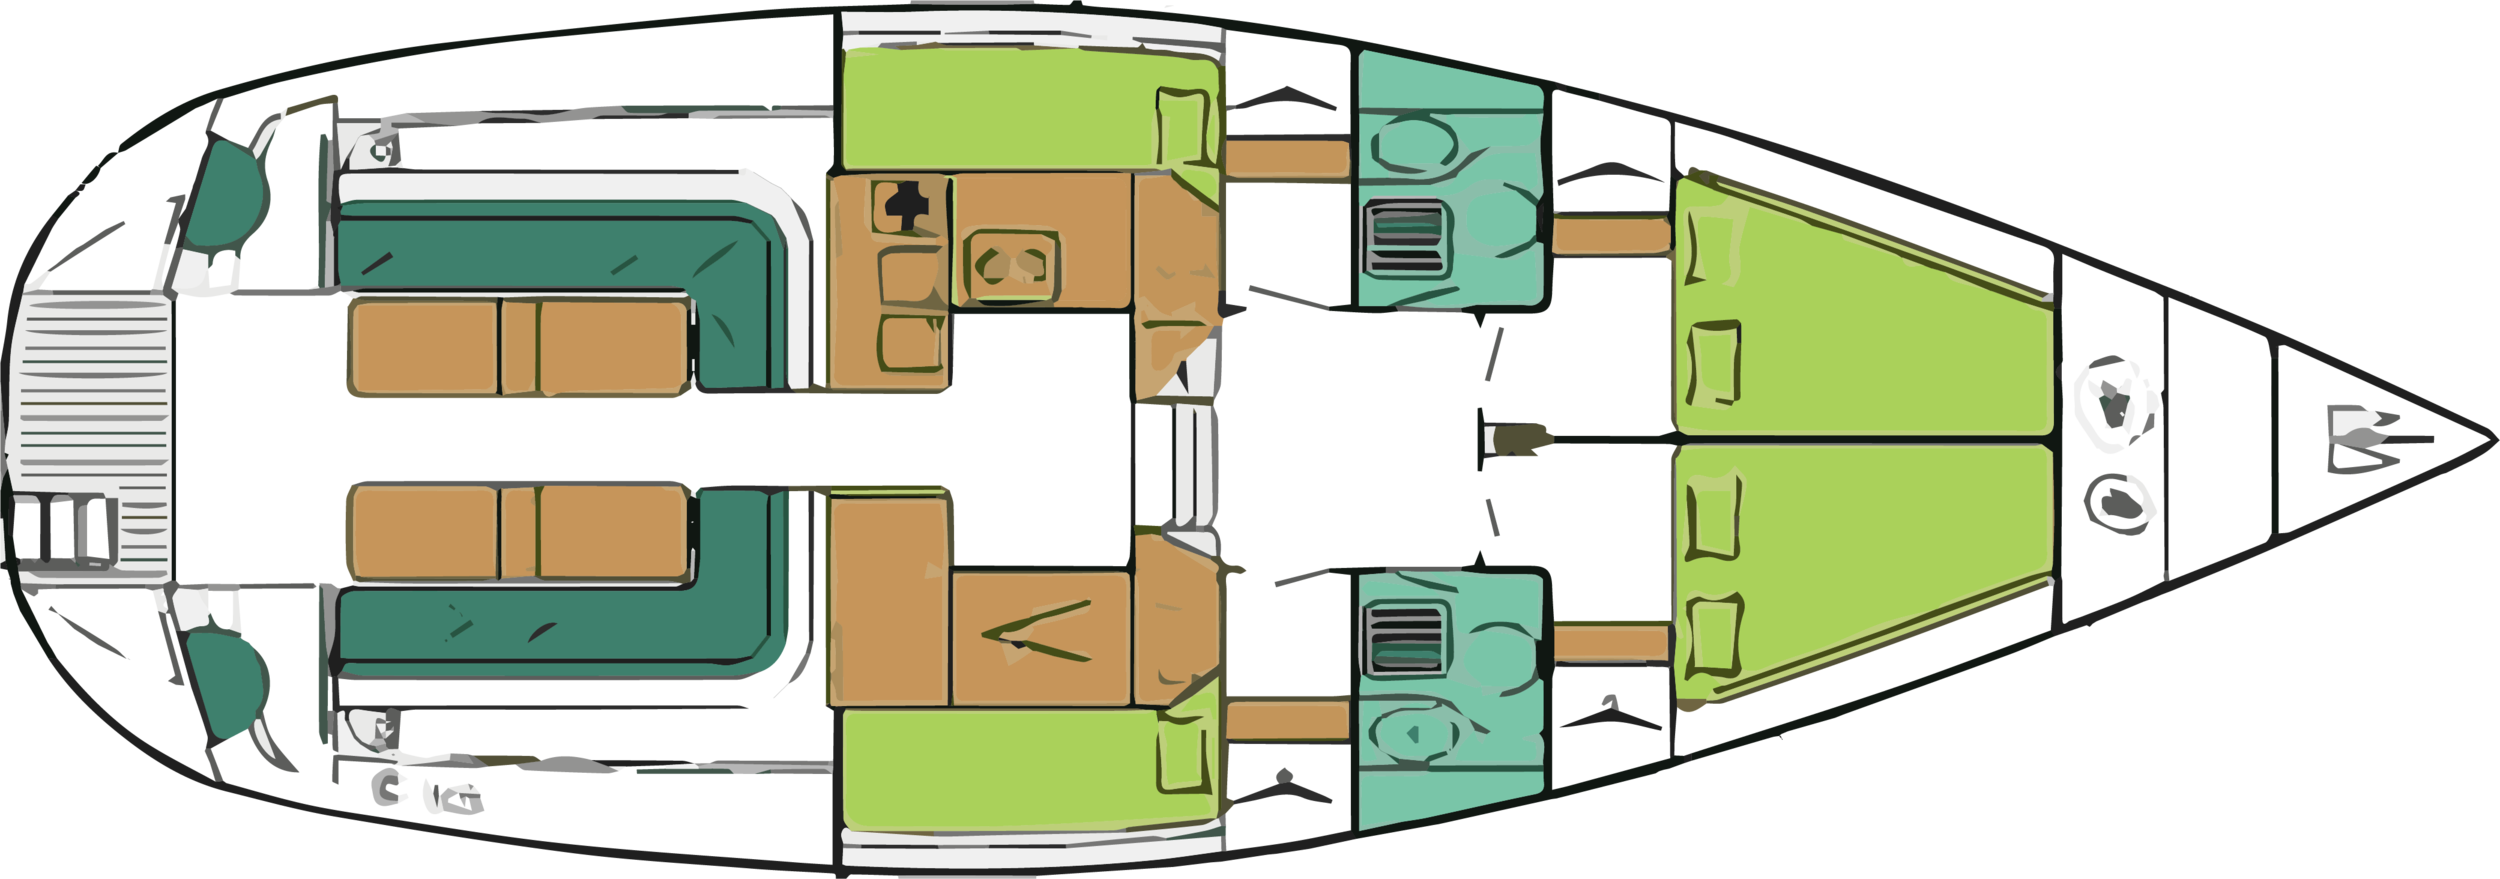 - catégorie de conception A; catégorie de navigation 1; matériel de construction : polyester monolithique; type d'appendice : quillard; longueur de coque : 13.10 m; largeur de coque : 4.64 m; tirant d'eau : 1.60 m; voilure 88 m2; type de transmission : moteur en ligne d'arbre, moteur diesel de 62 cv; capacité de fuel : 450 l; capacité d'eau 1000 l; 4 cabines; 10 couchettes; 4 wc; 4 douches.